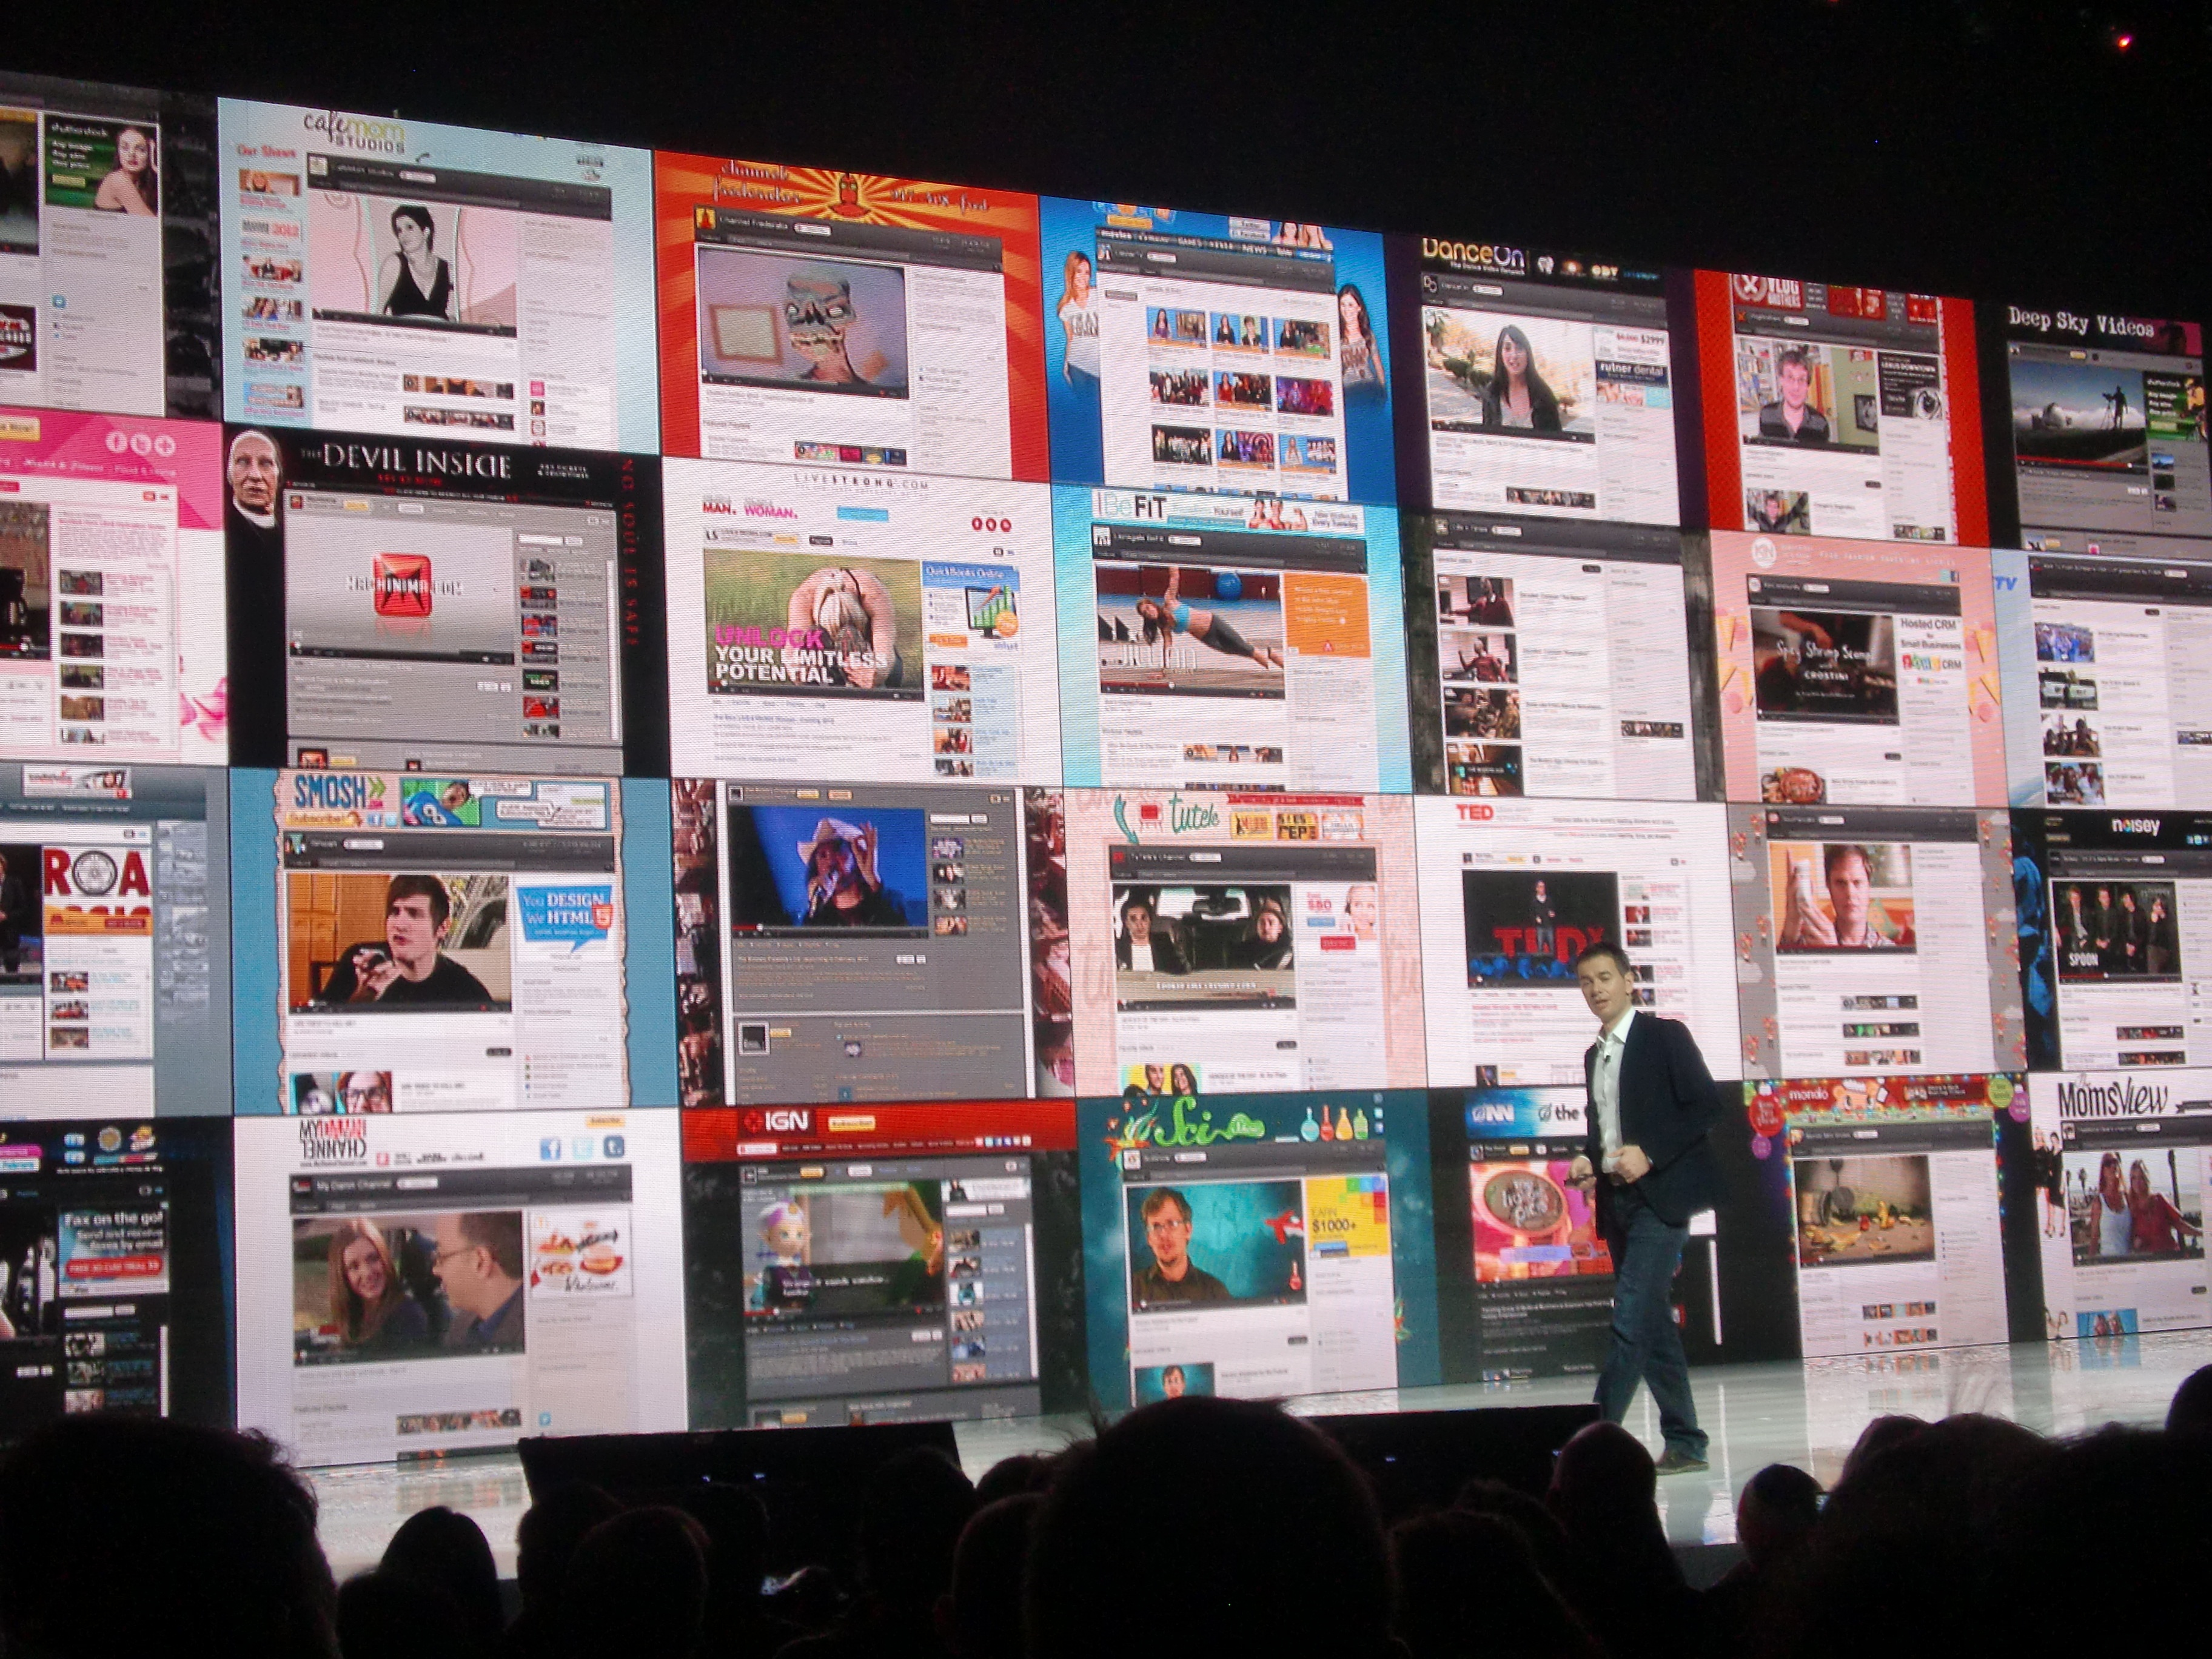 Keynote Robert Kyncl von YouTube bei der CES 2012